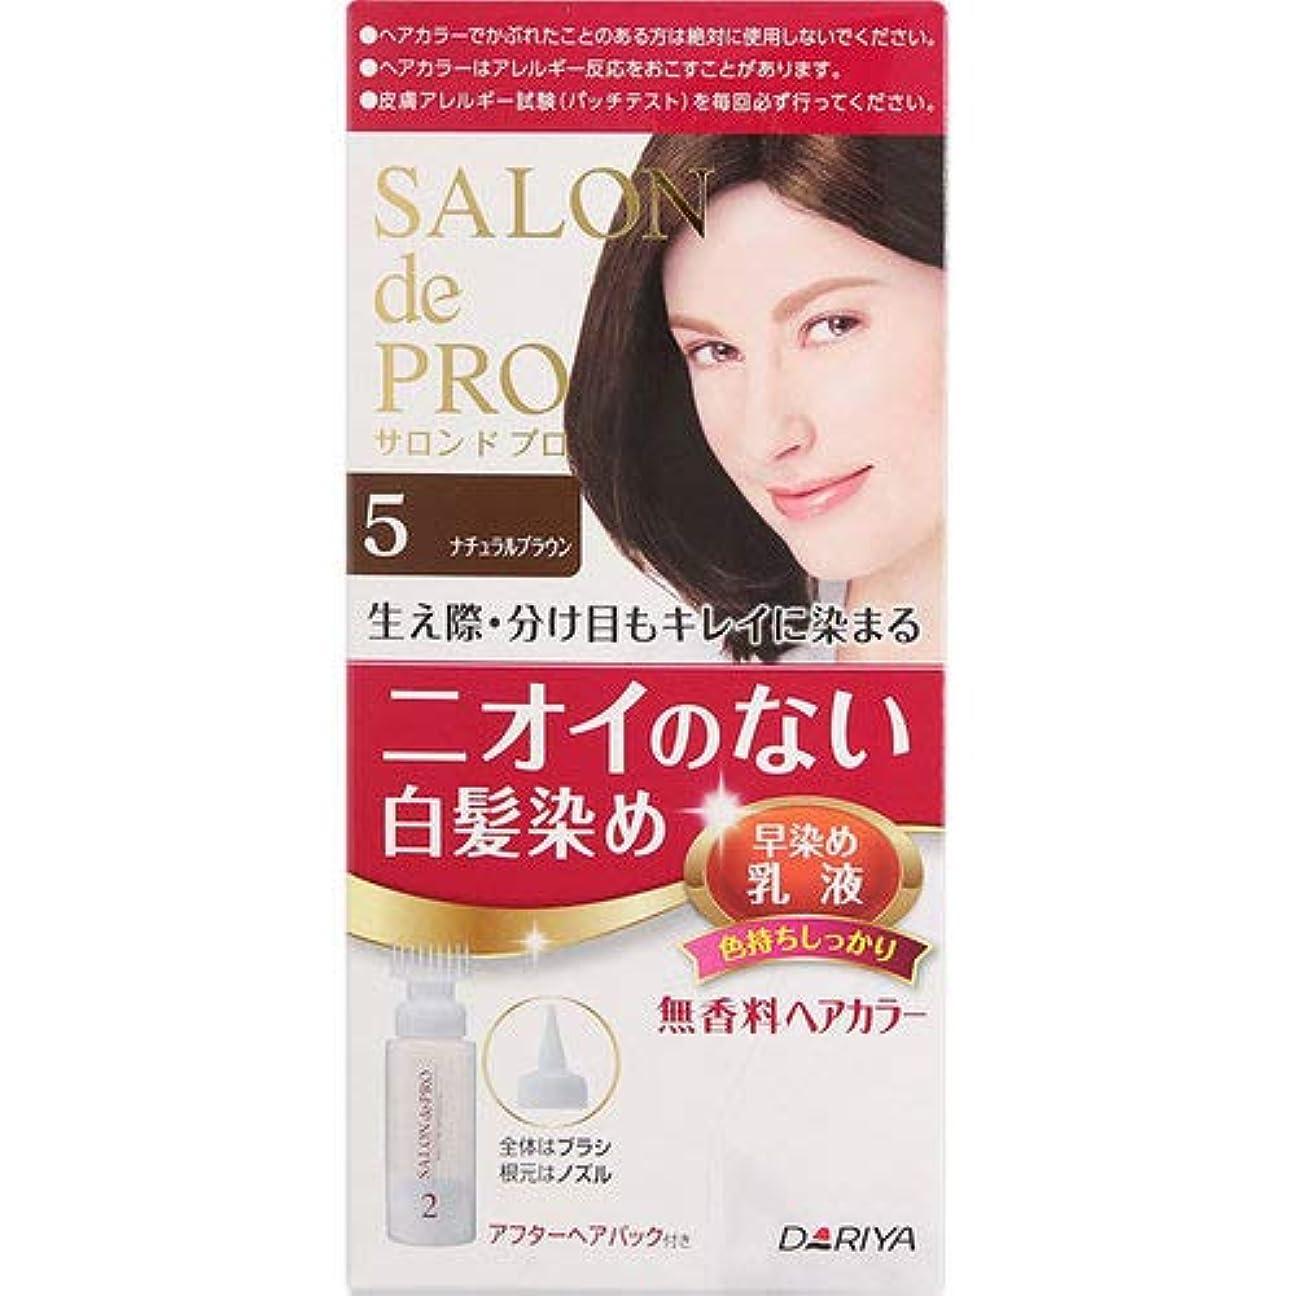 洗剤明快狭いサロンドプロ無香料ヘアカラー早染め乳液5(ナチュラルブラウン)